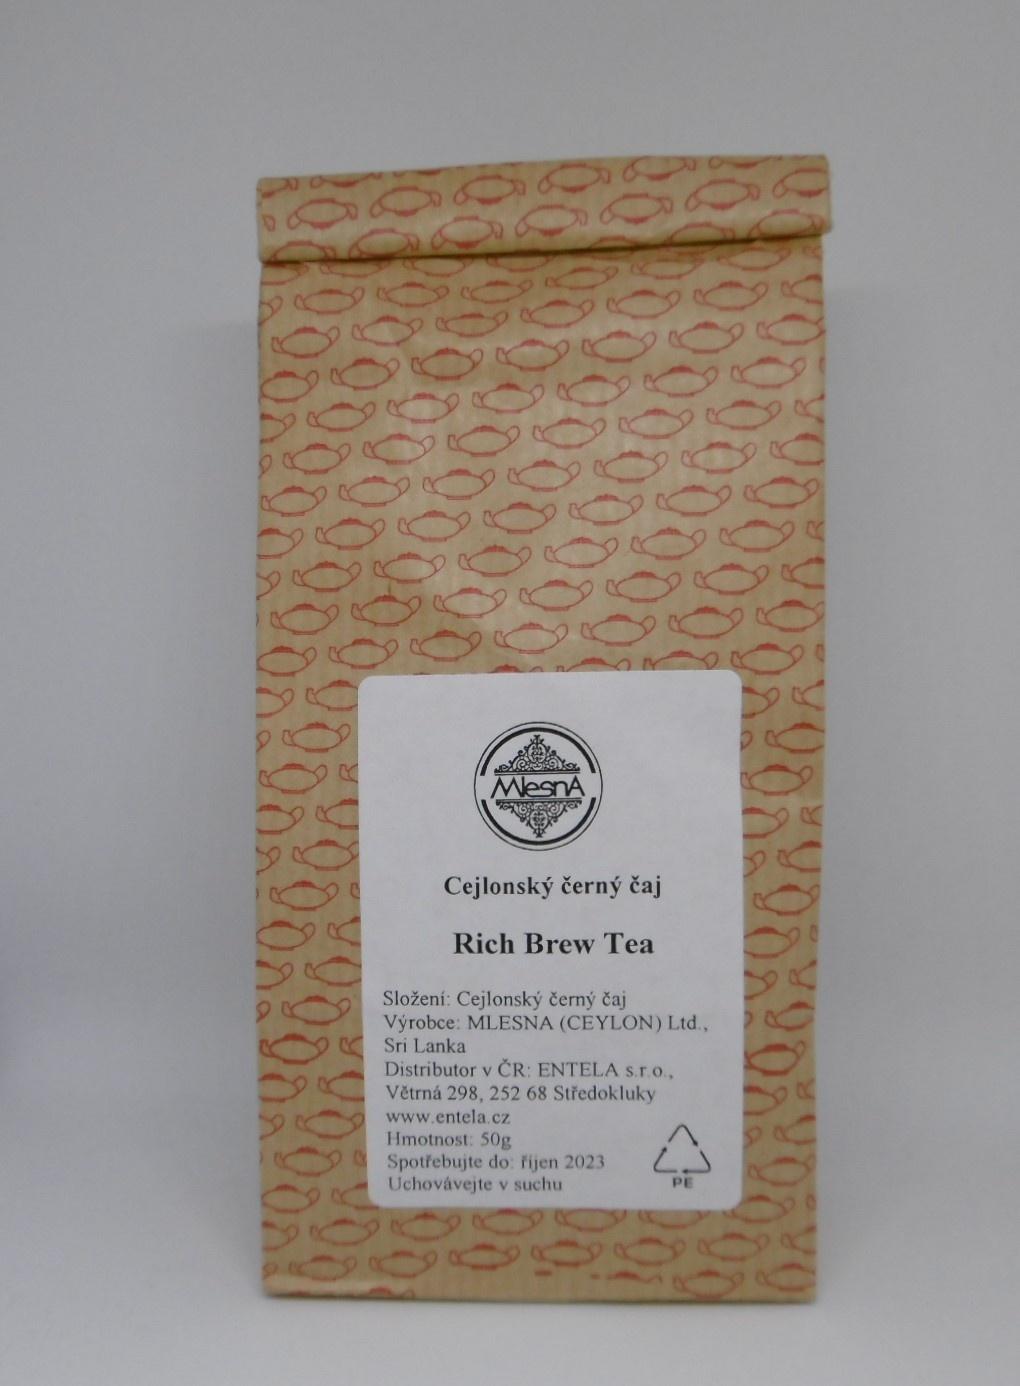 Čaje Mlesna Černý sypaný čaj Rich Brew Tea High Grown MLESNA (Ceylon) Ltd. pravý čaj z Cejlonu